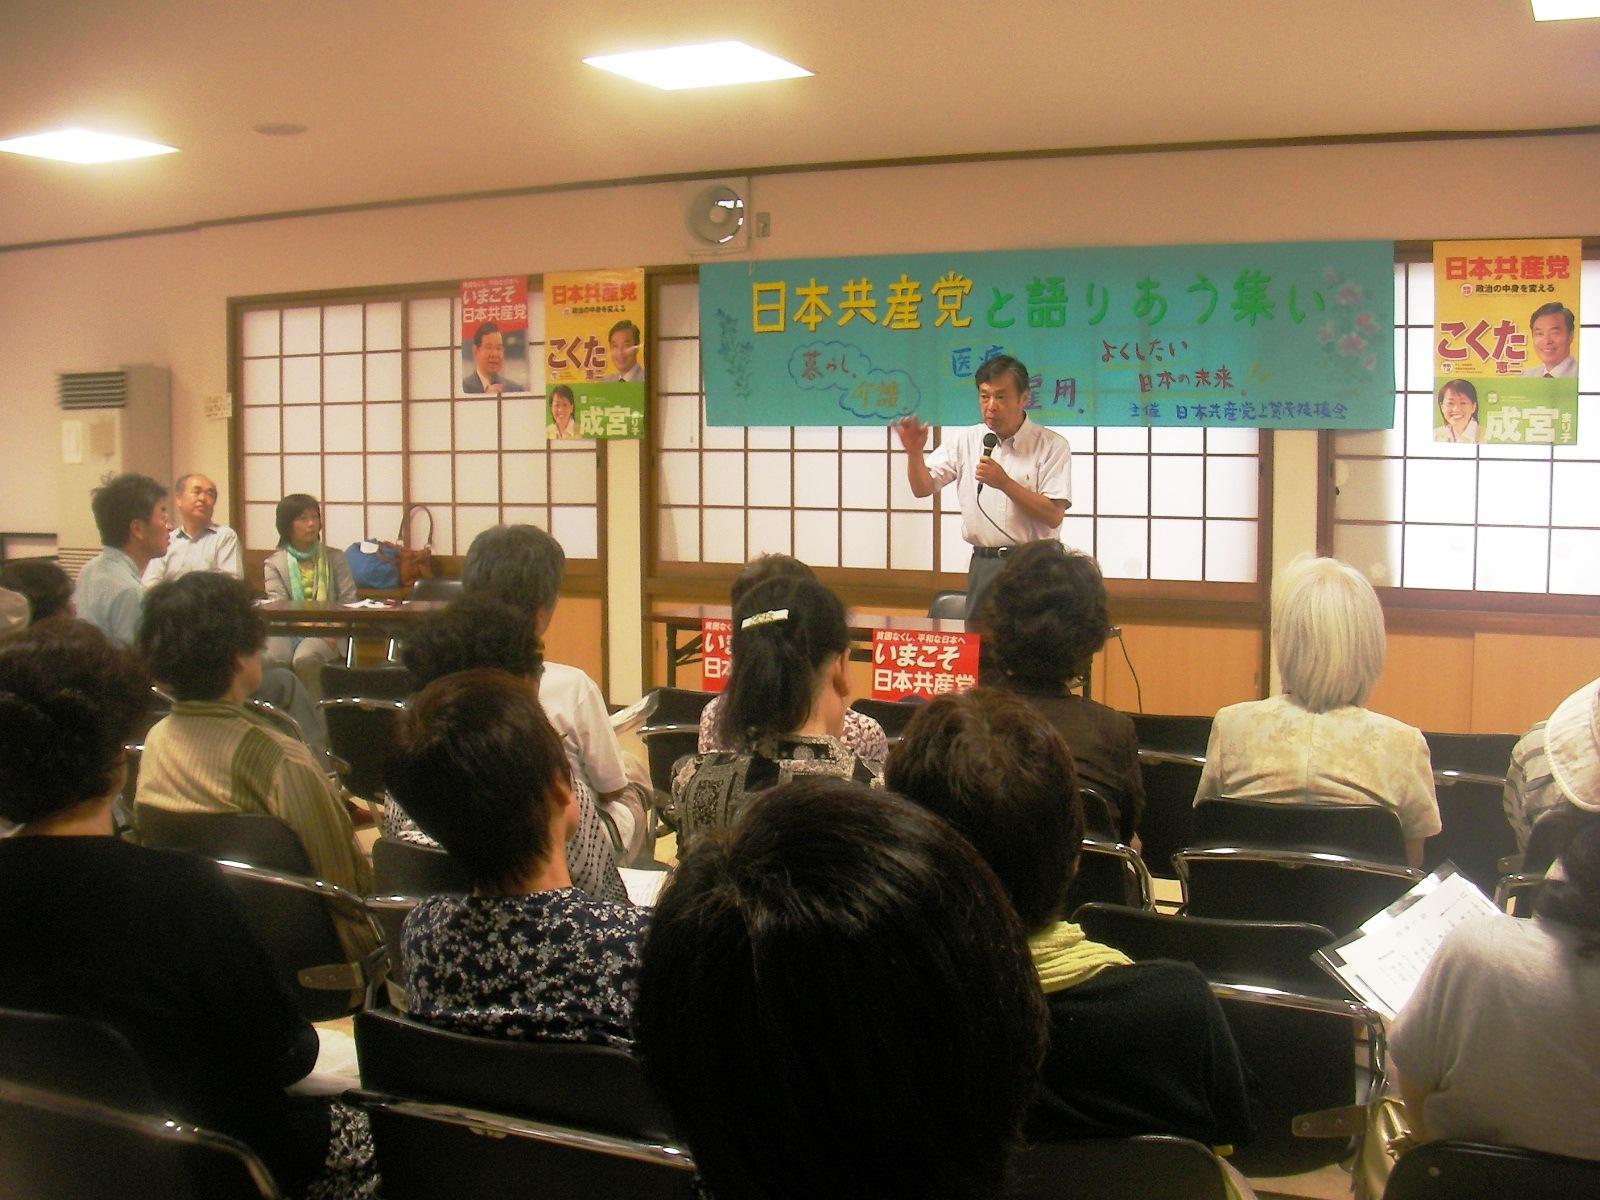 上賀茂学区で演説会